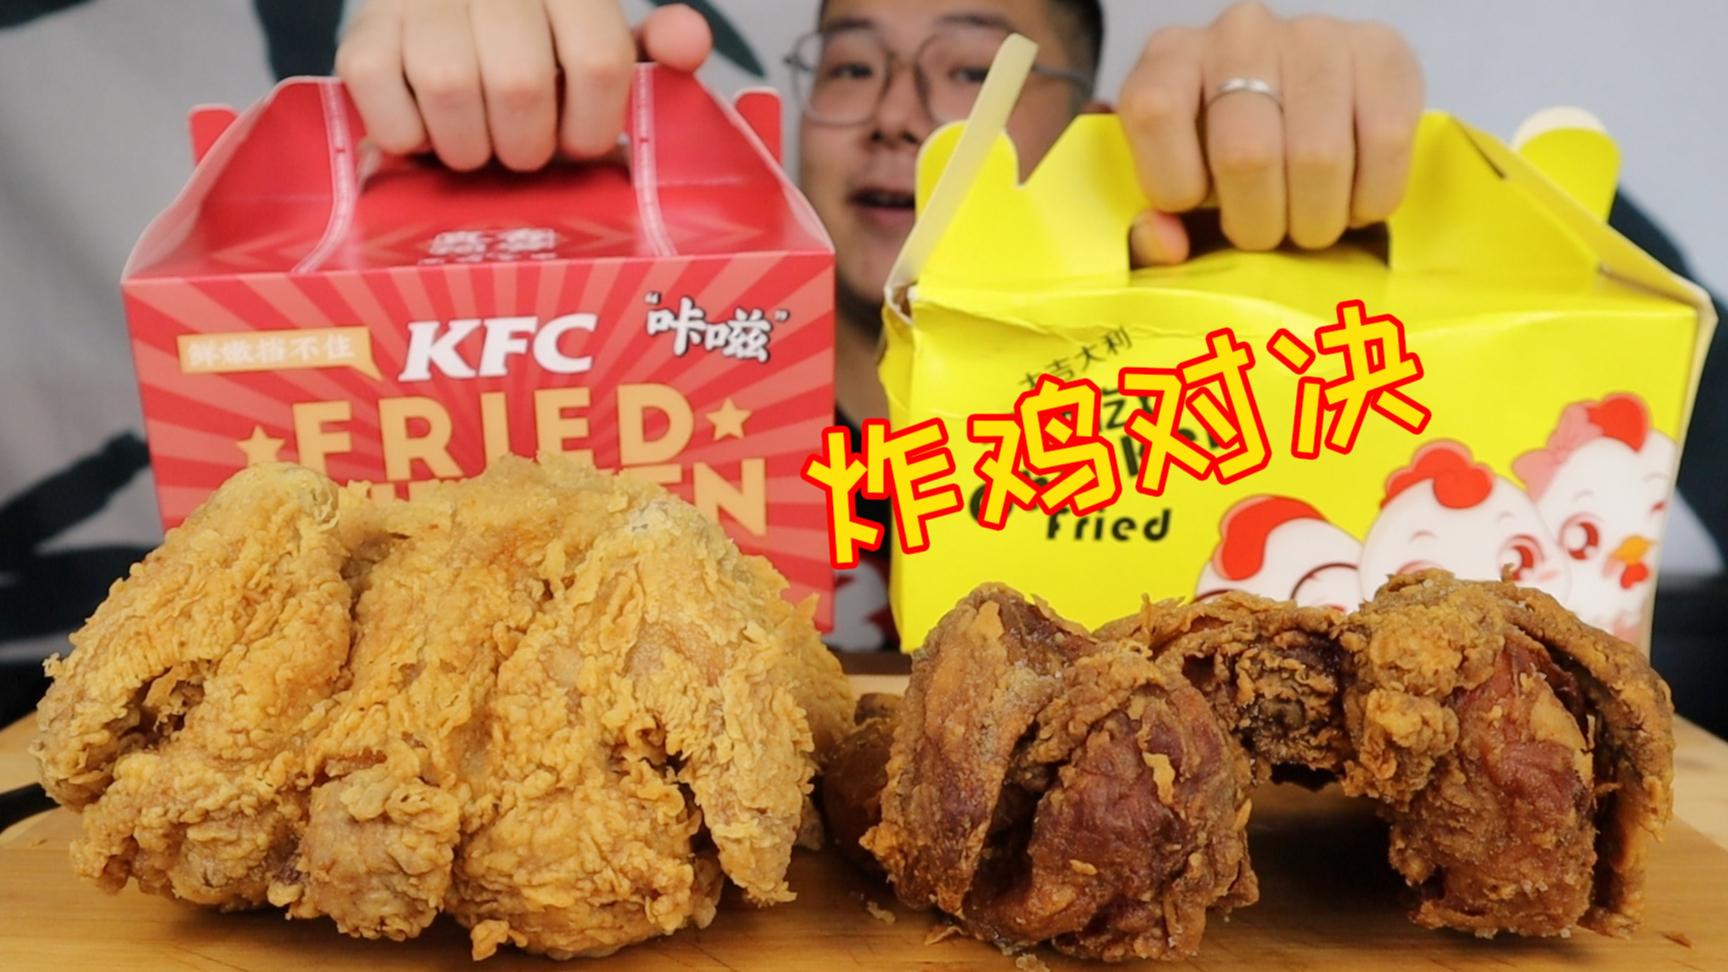 肯德基新品39元藤椒炸全鸡,对比25元普通炸鸡有啥区别?谁更好吃